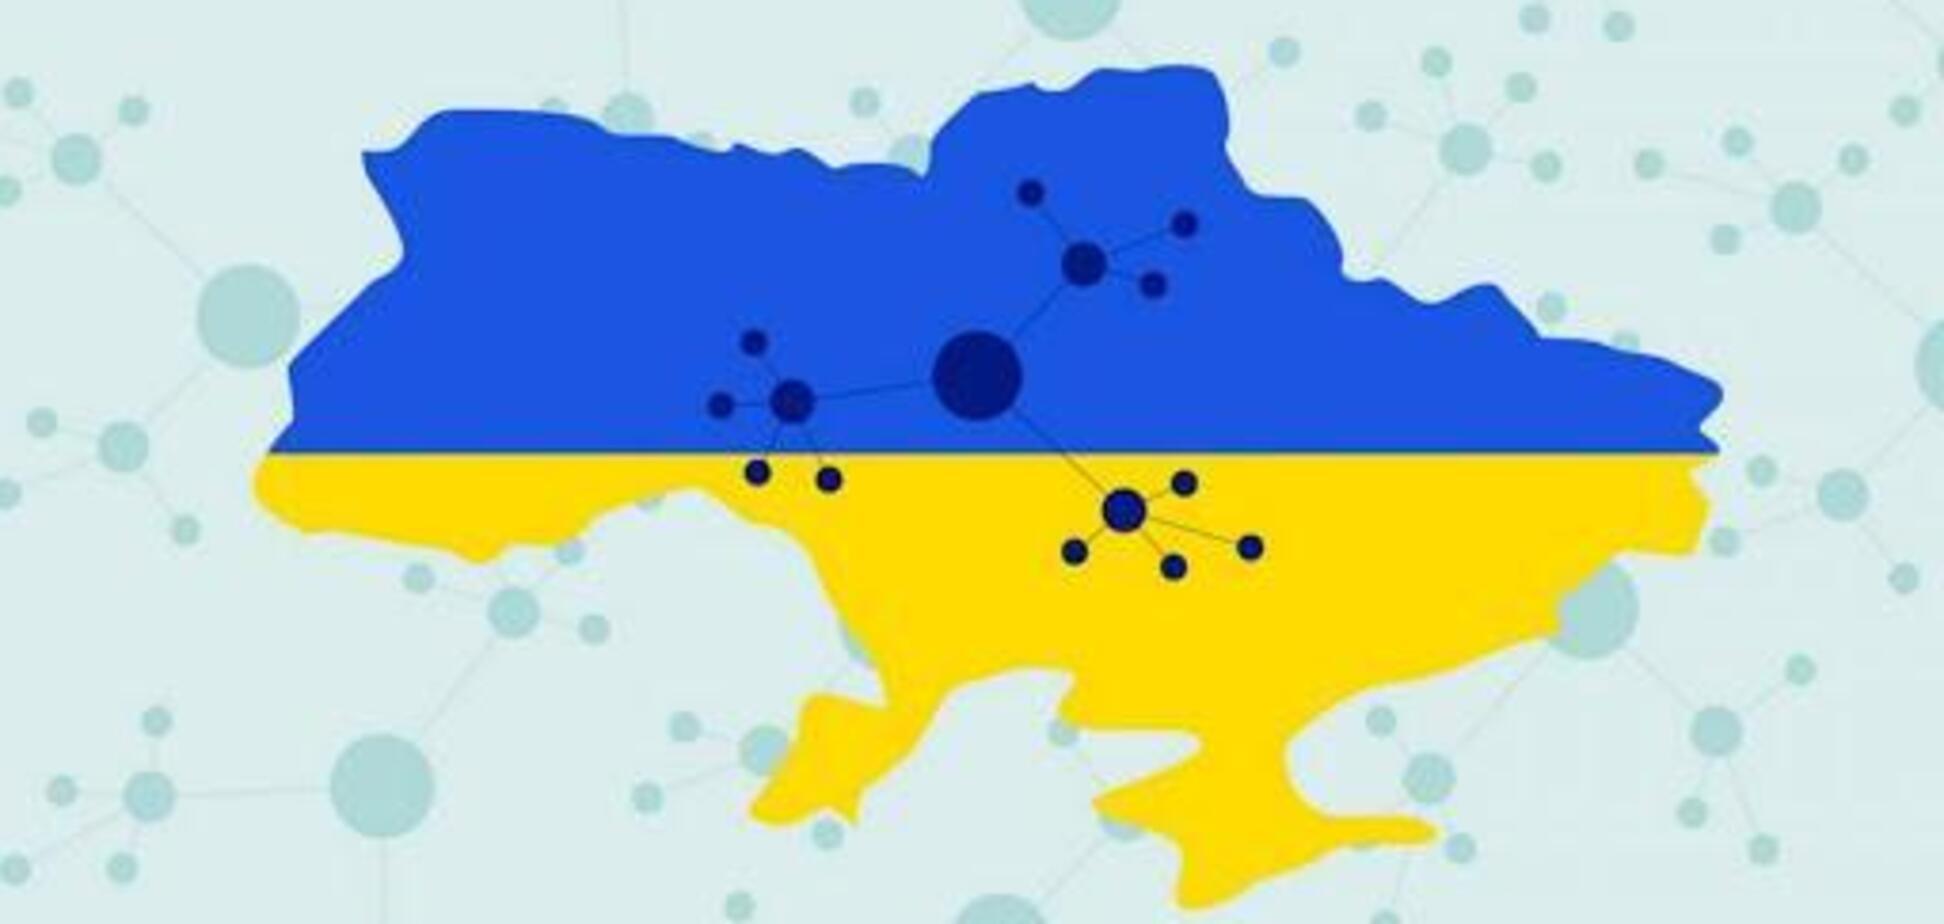 Децентрализация по схемам правнуков Кагановича